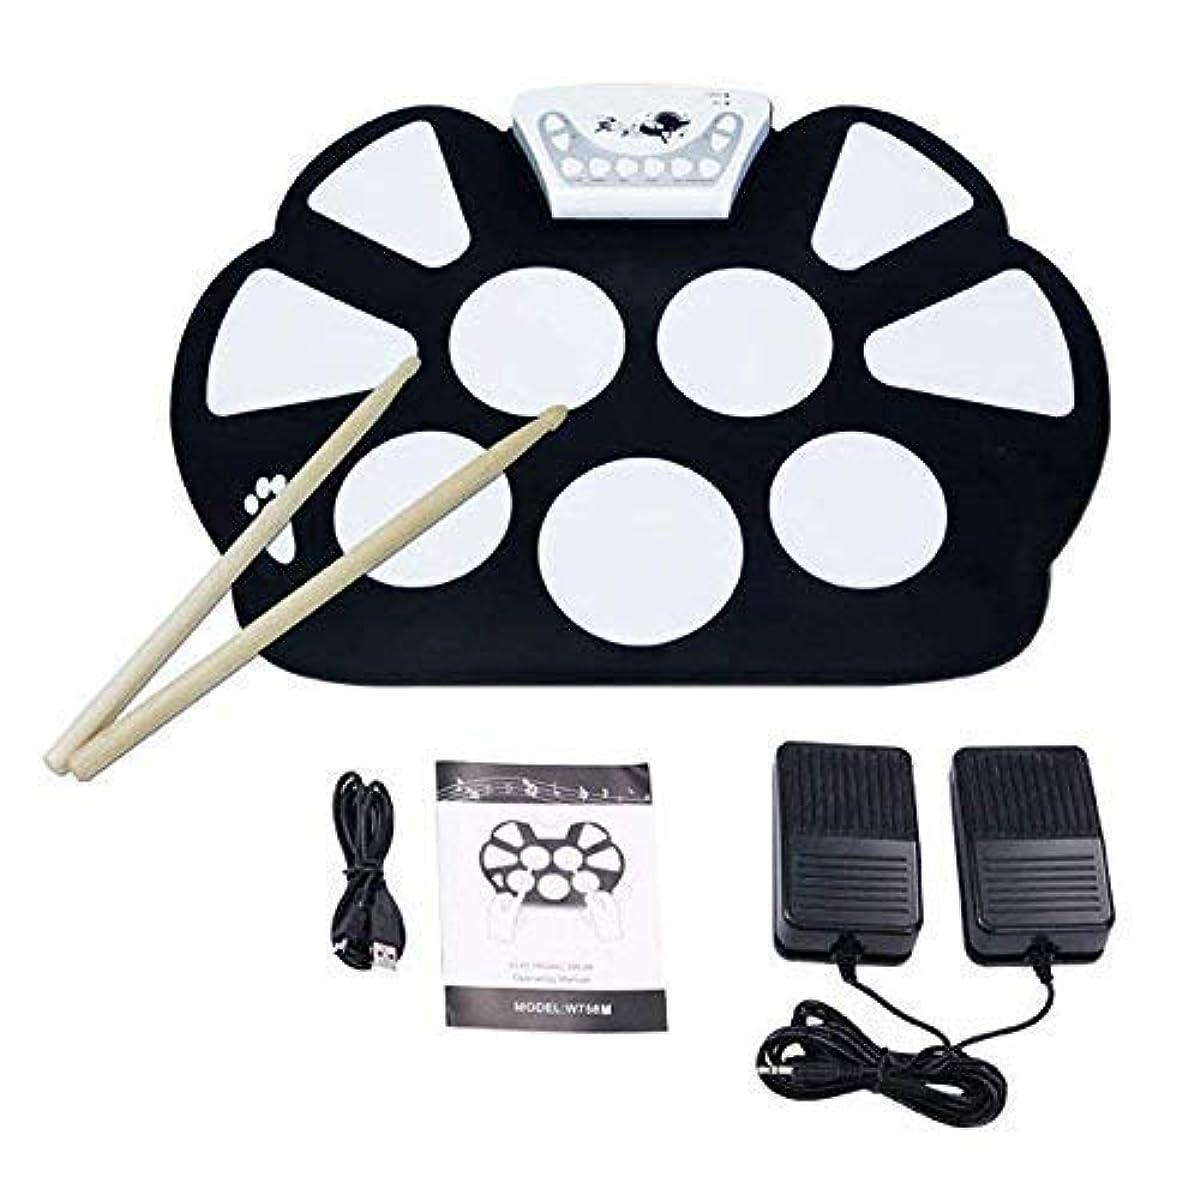 [해외] USB 전기 드럼 세트-드럼 스틱과 쥬니어 드럼 연습 패드-초심자를 위한 레코더 기능을 구비한갖춘 전자 드럼 키트를 롤업